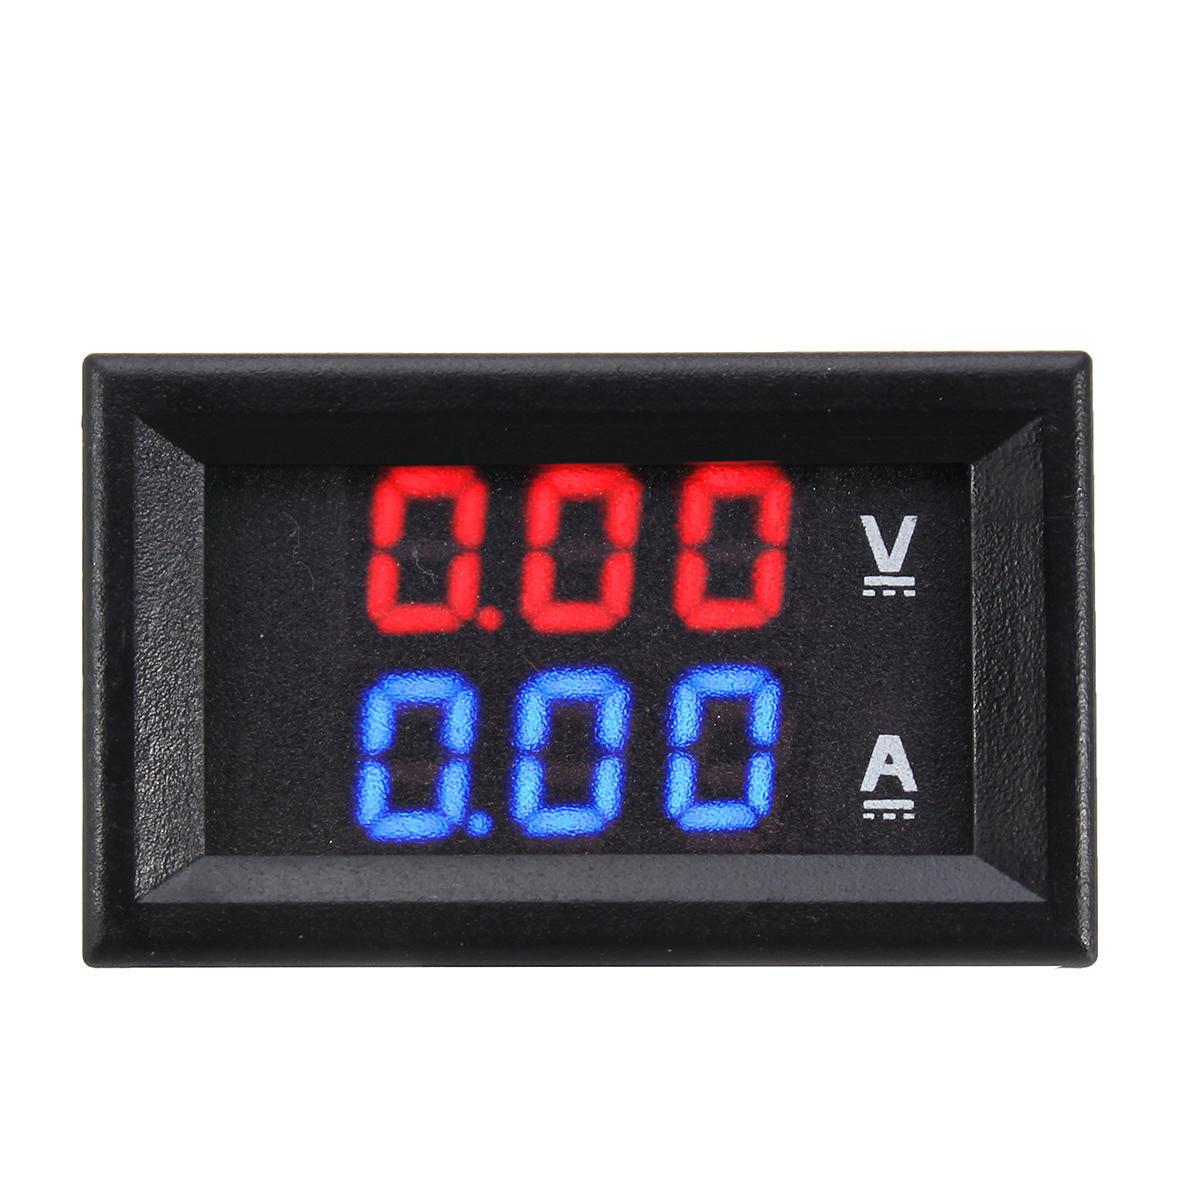 Dual Red Blue LED Vôn kế kỹ thuật số Ampe kế Bảng điều khiển Volt kế